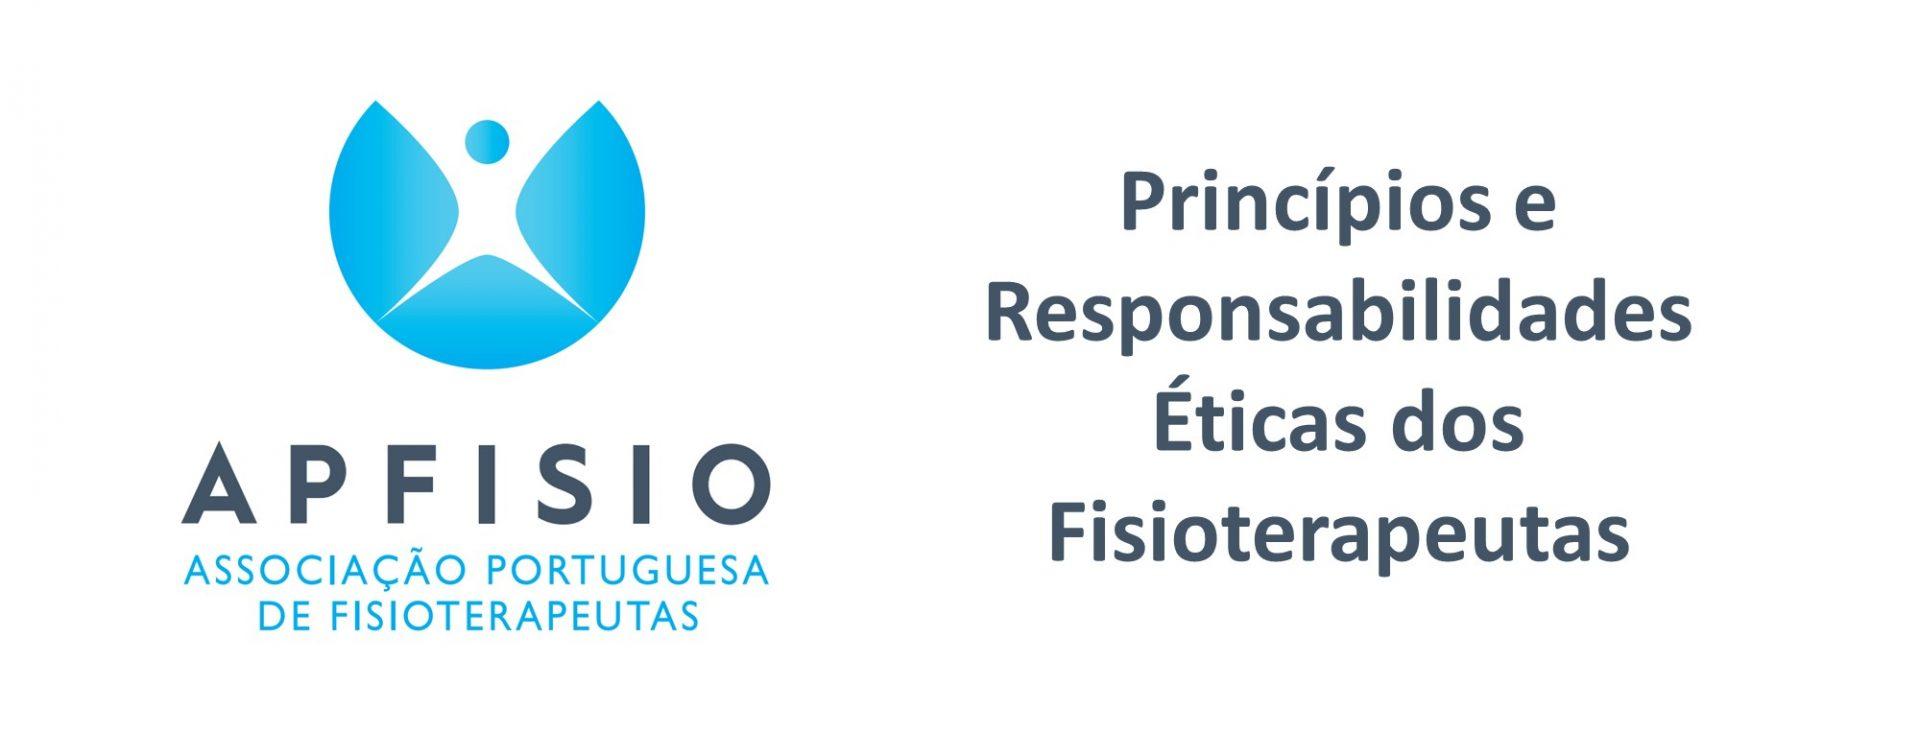 <p>Princípios e Responsabilidades Éticas dos Fisioterapeutas</p>